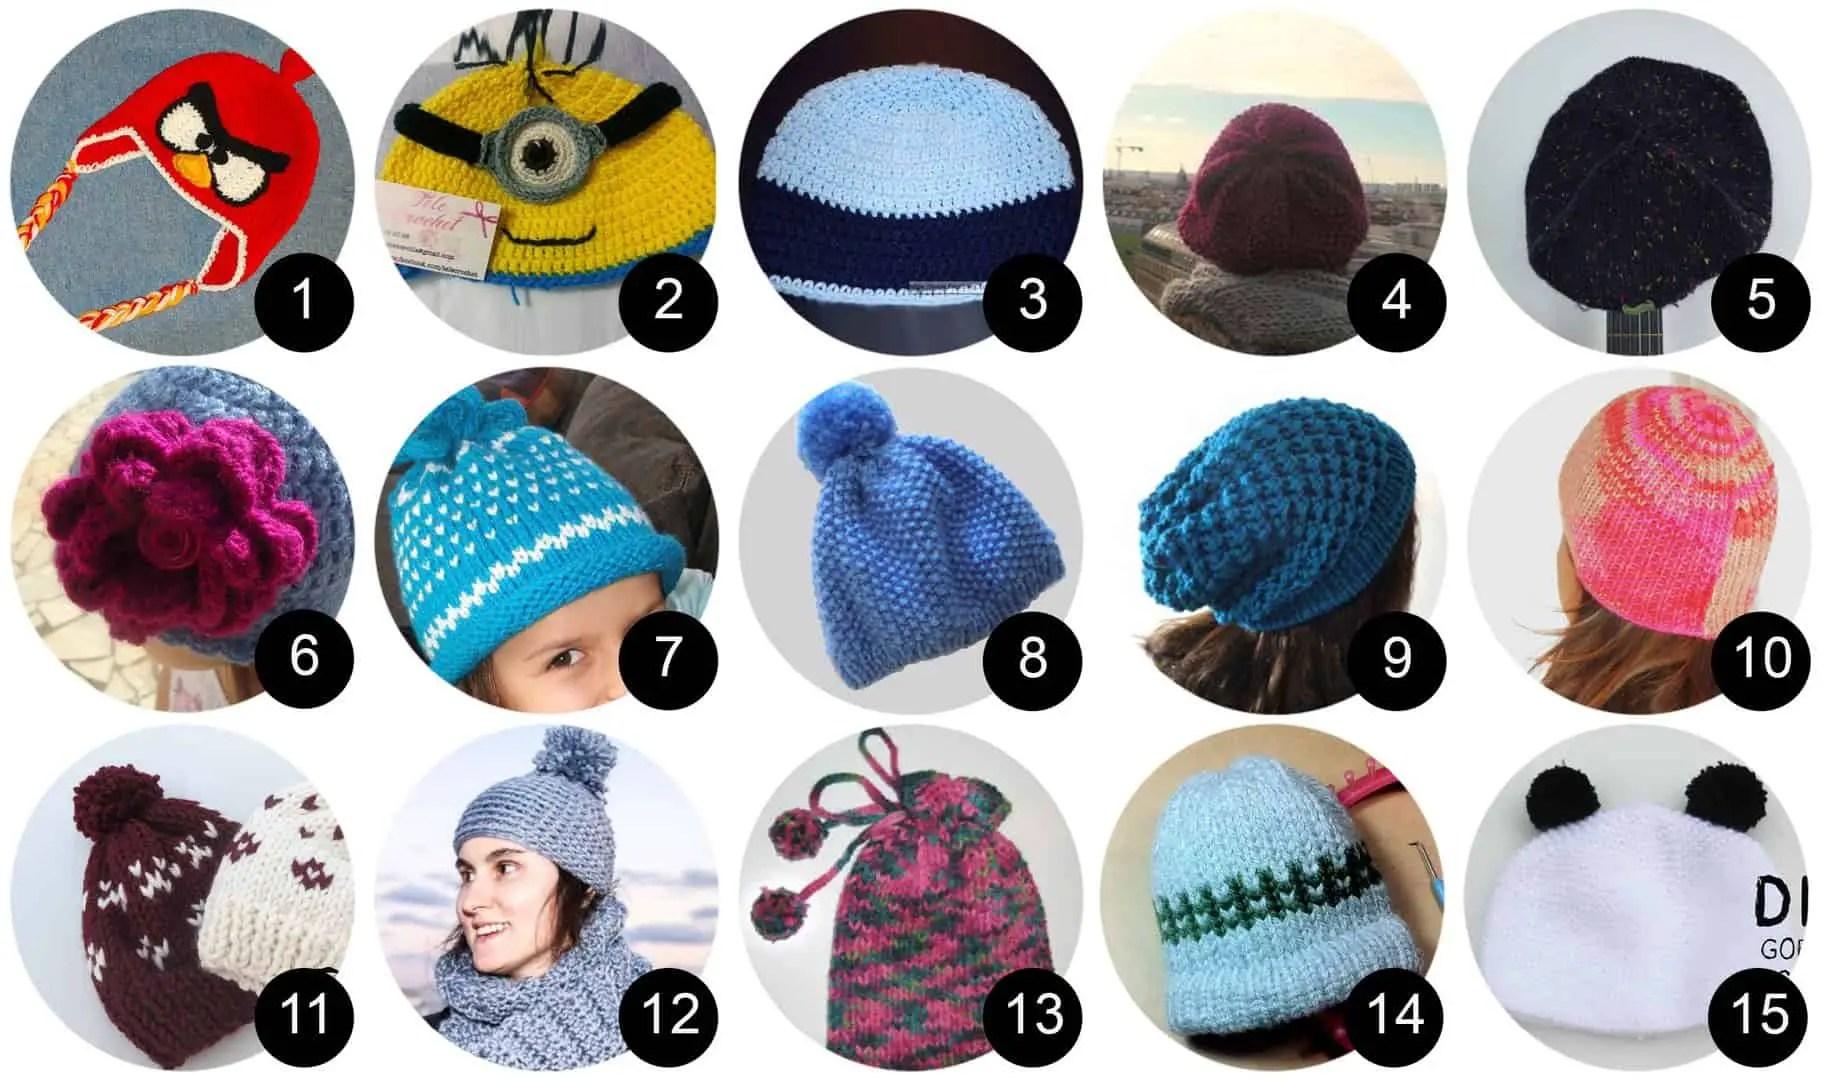 15 Tutoriales para hacer gorros de lana paso a paso